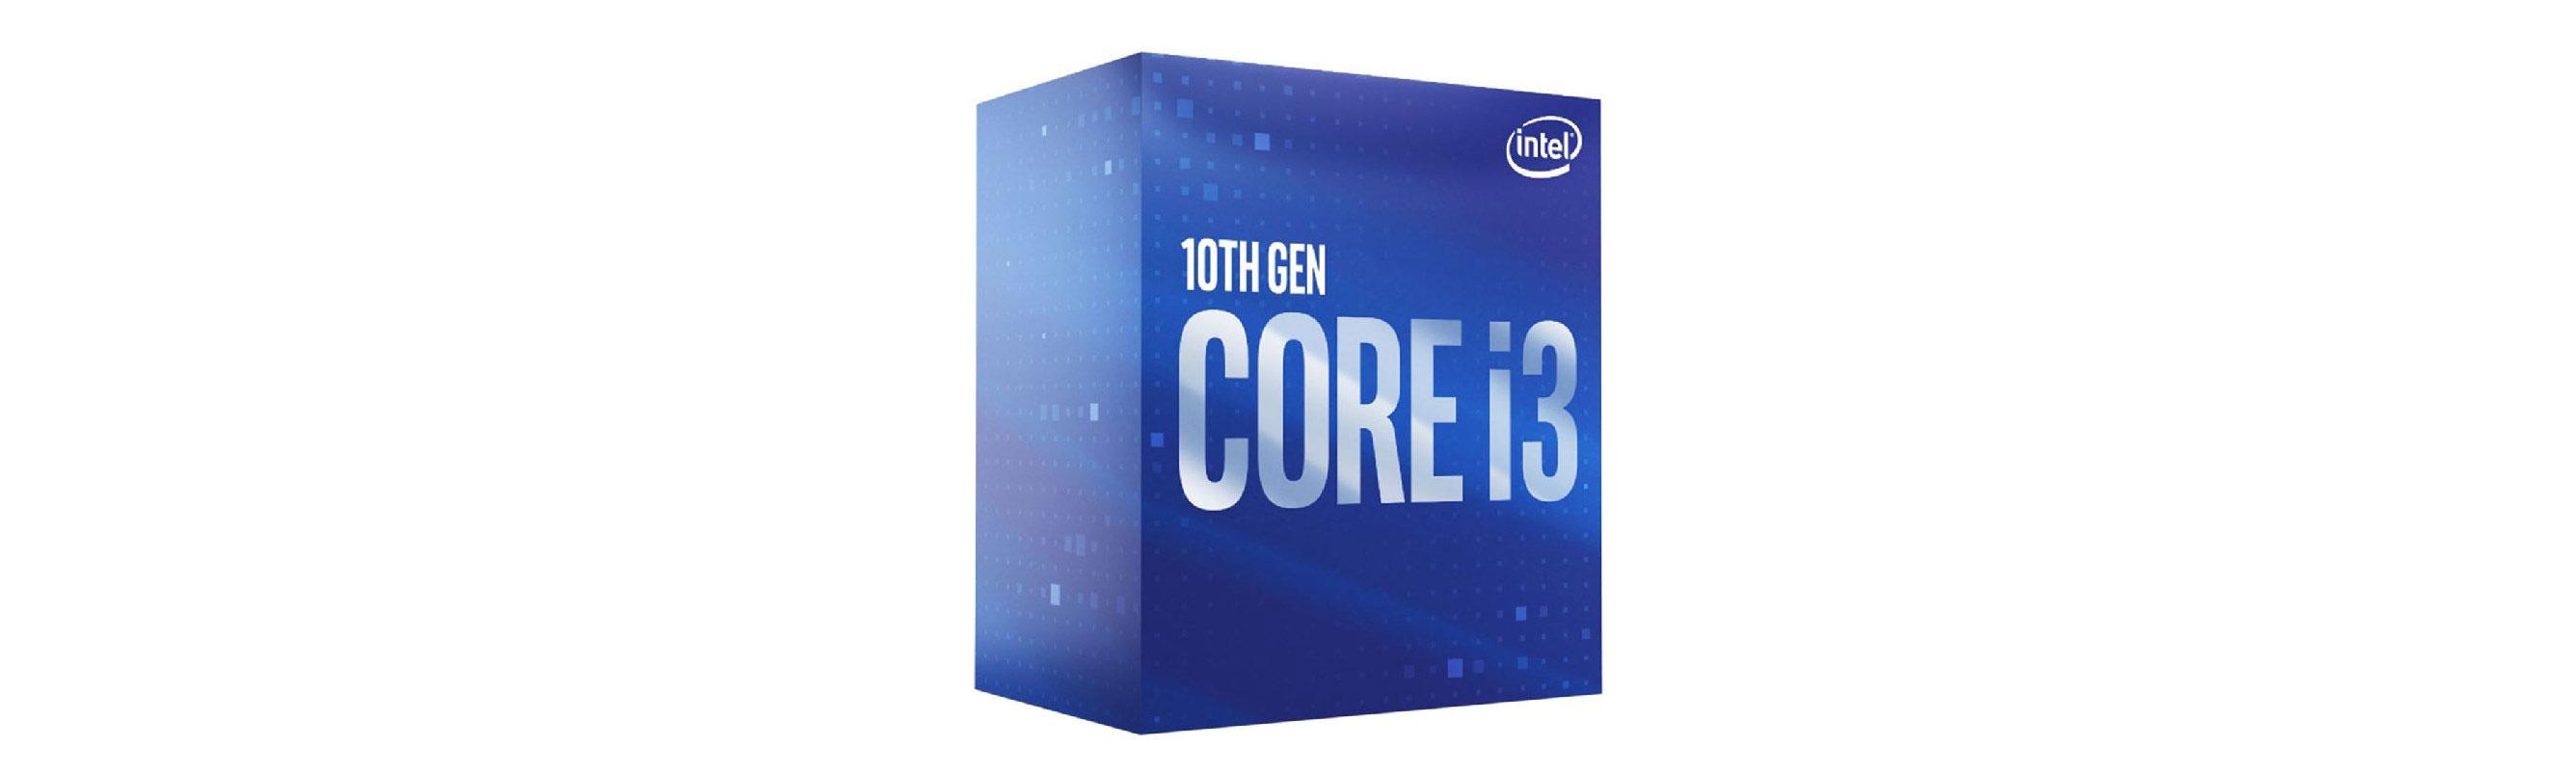 intel_core_i3_10105f_4core_lga_1200_37ghz_cpu_processor_ac42596.jpg